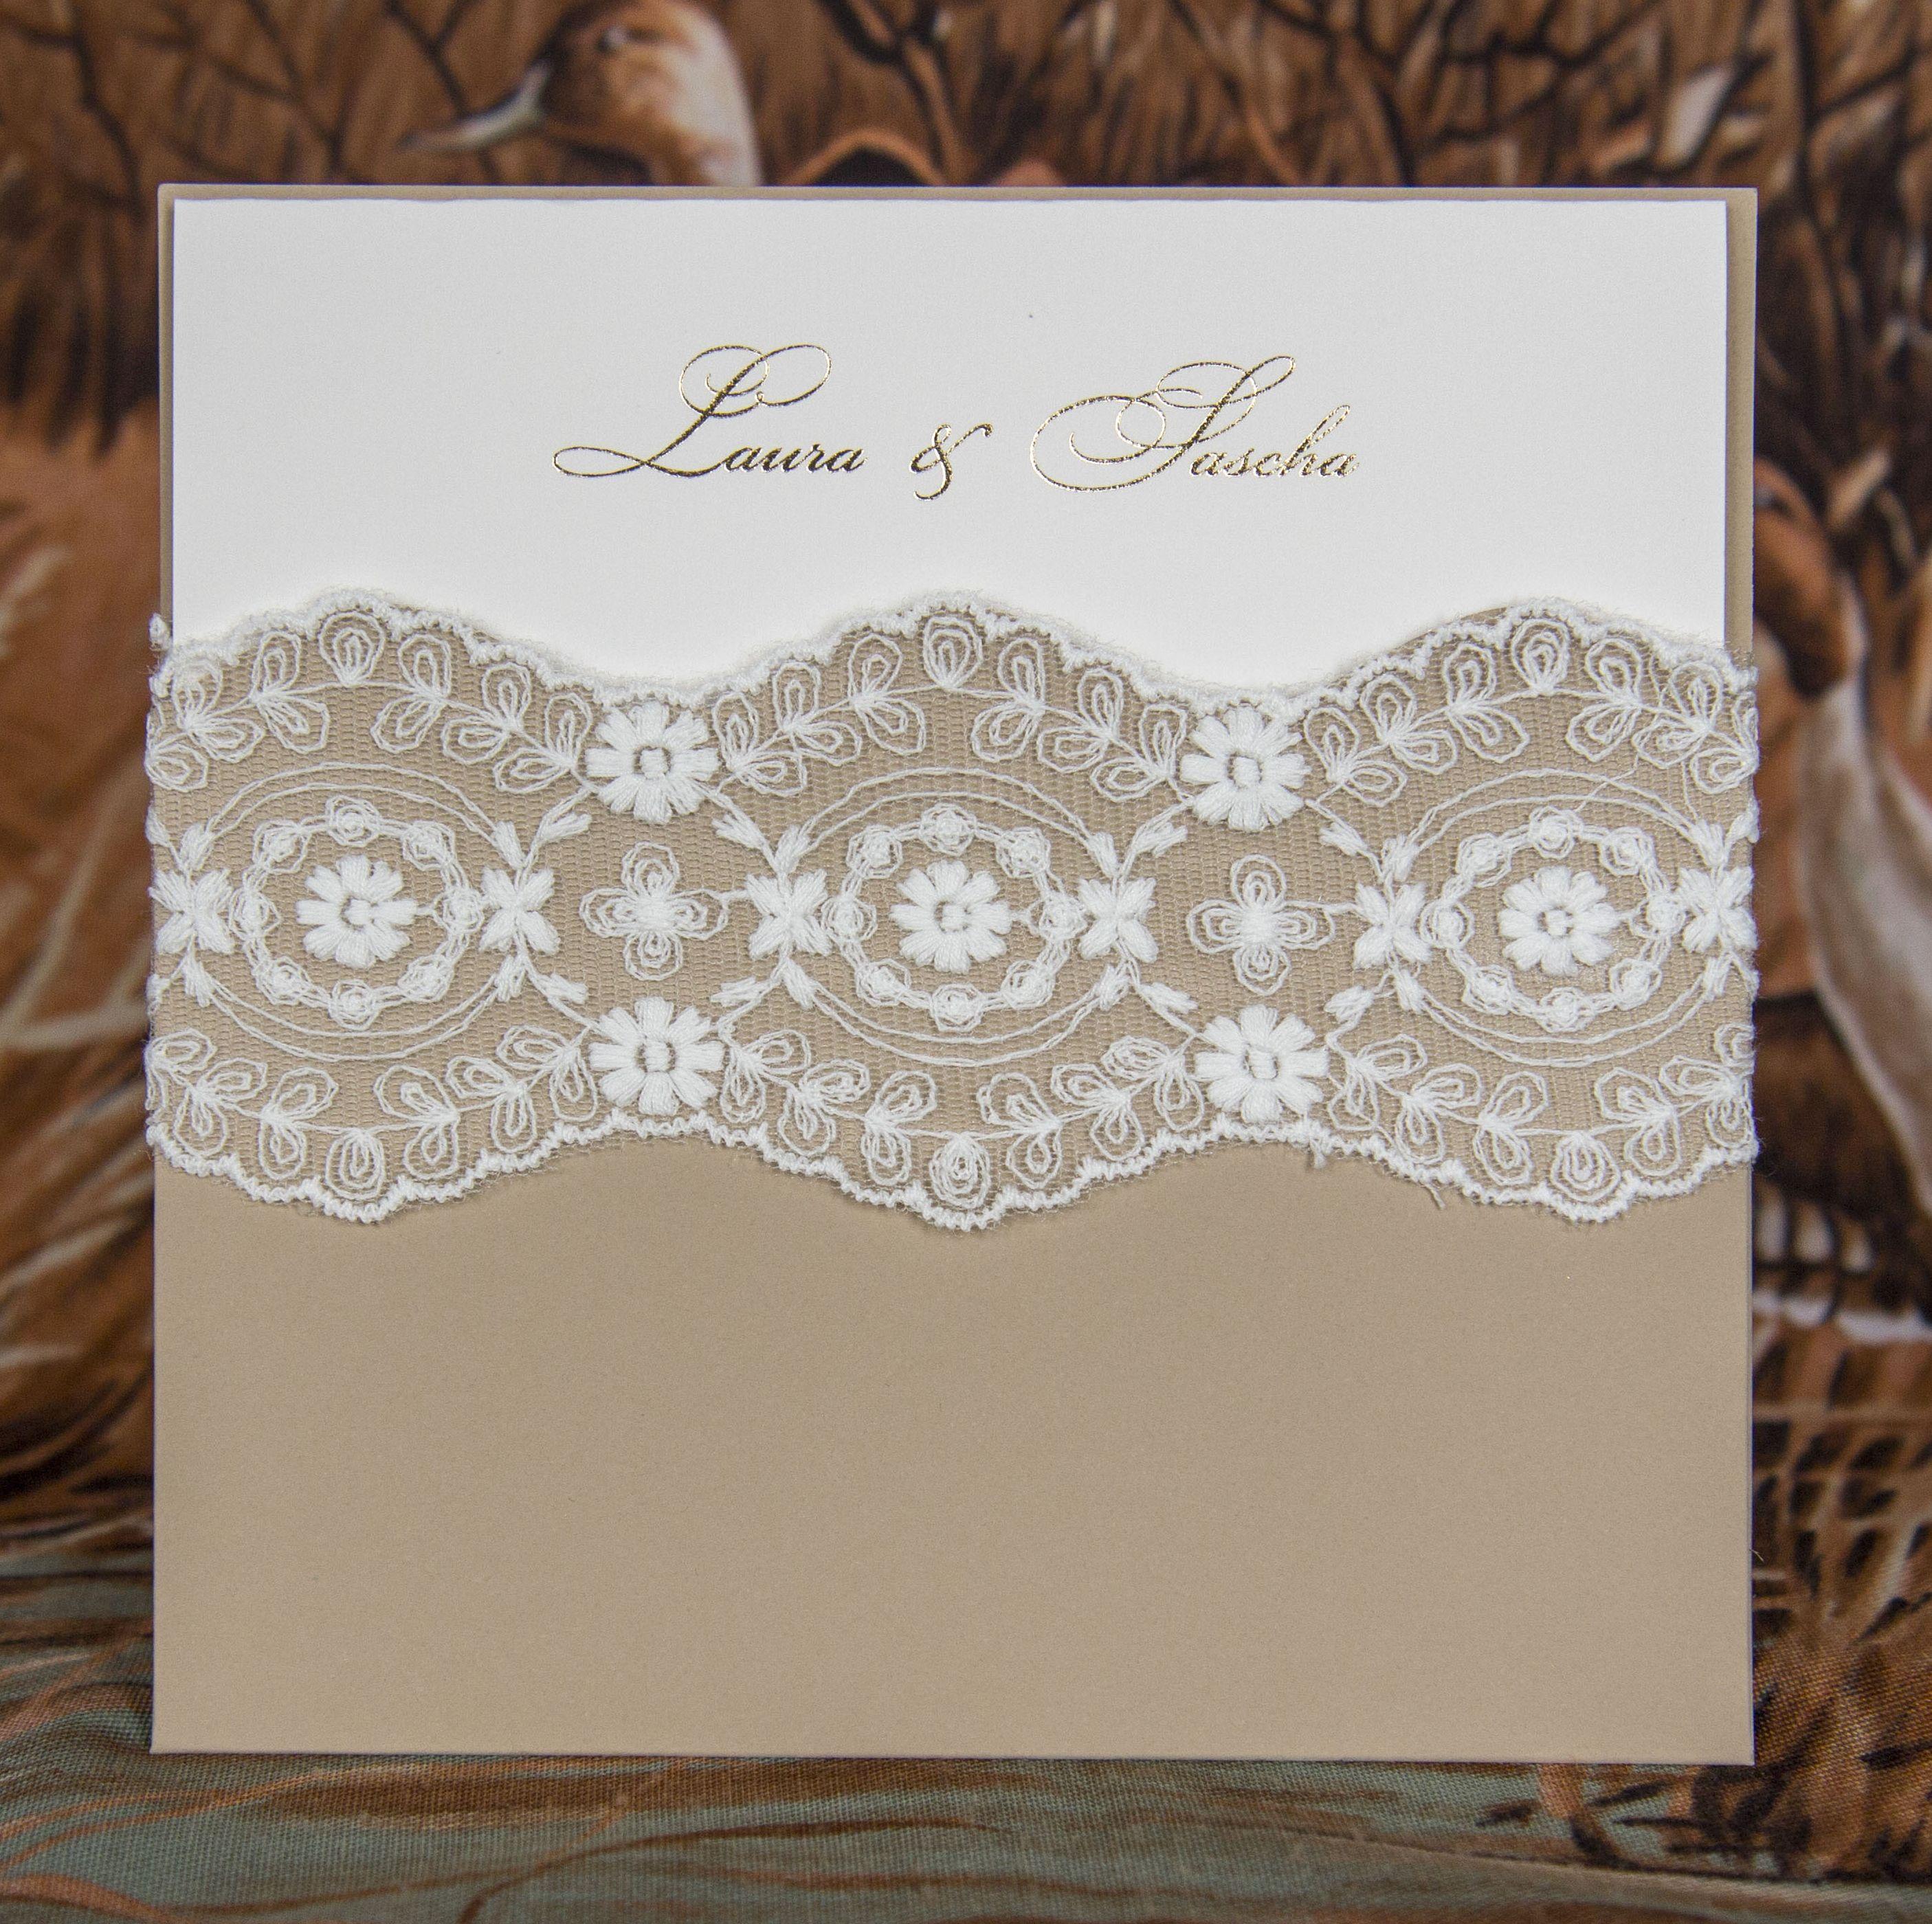 Exklusive Hochzeitskarten Online Kaufen Der Moment Handgemachte